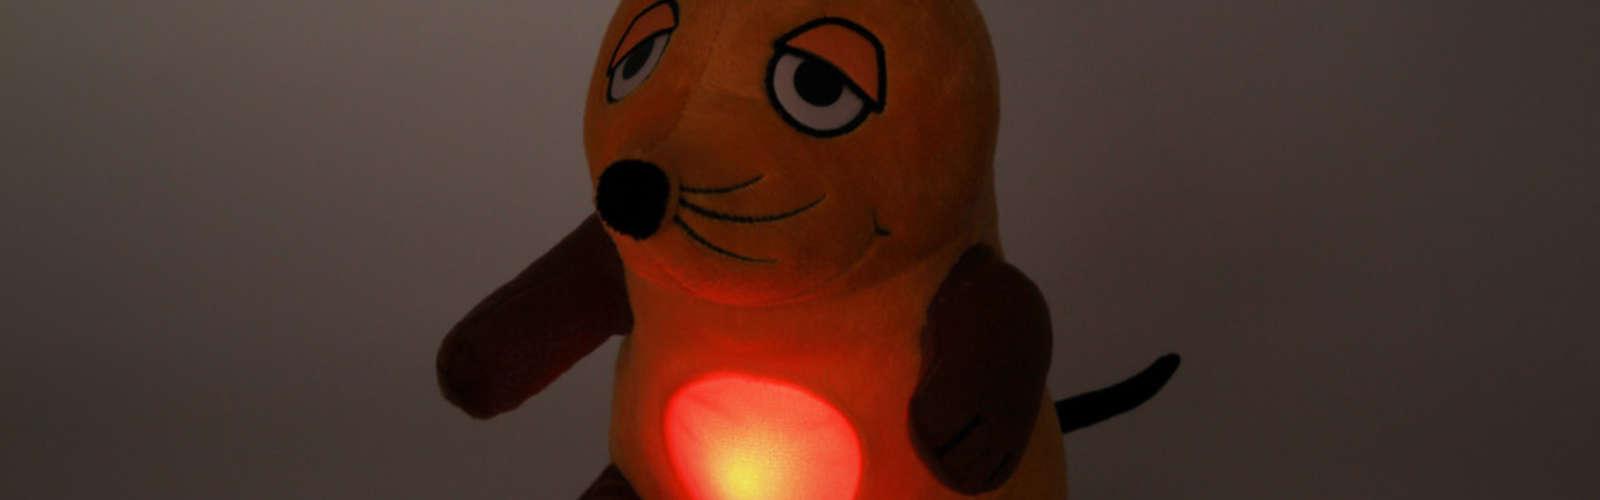 Schlummer-Nachtlicht Maus